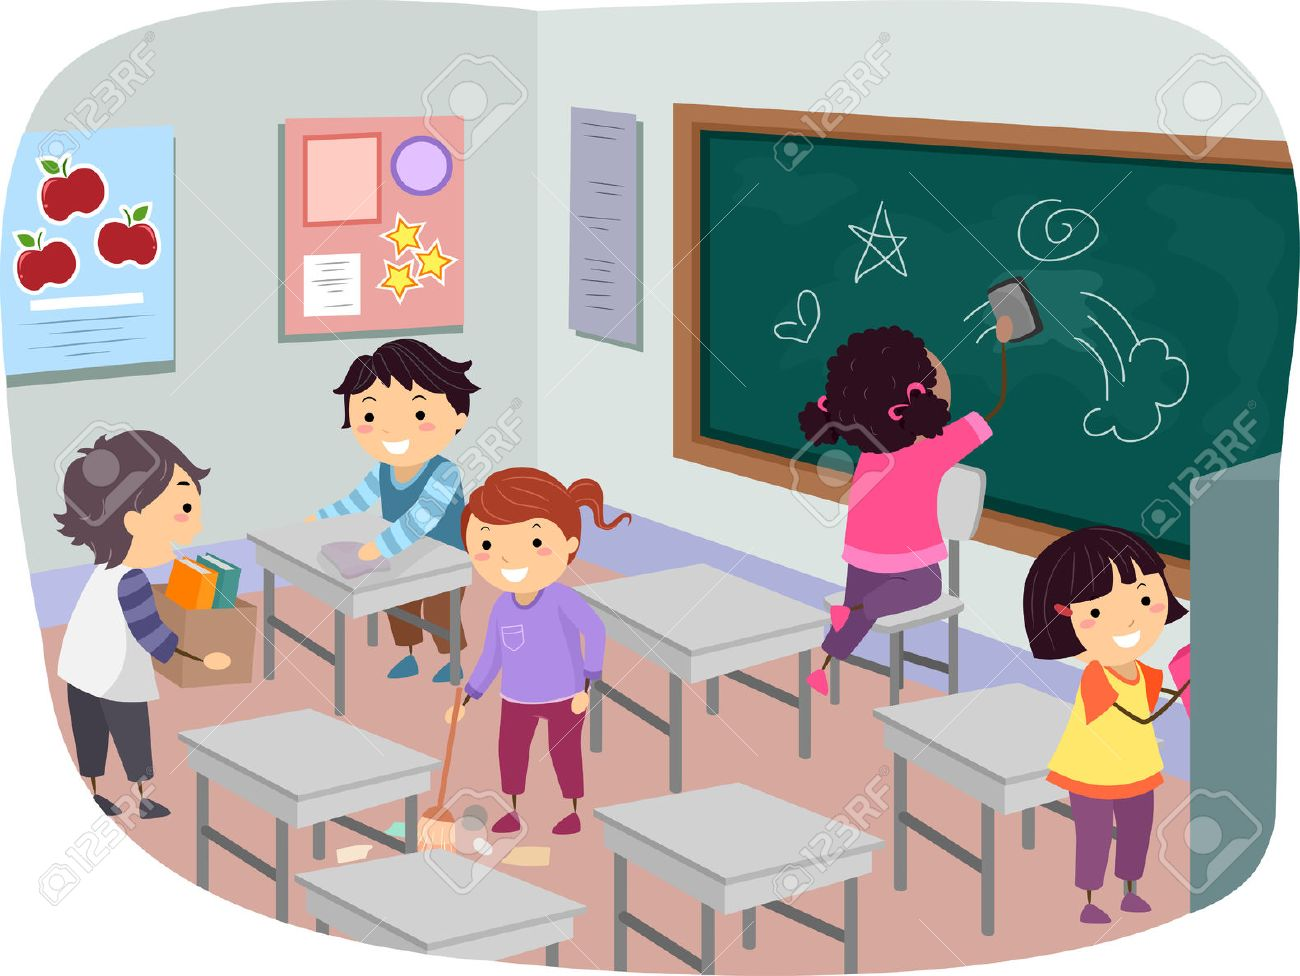 Schulklasse im unterricht clipart  Illustration Von Stickman Kids Reinigung Ihrer Klassenzimmer ...